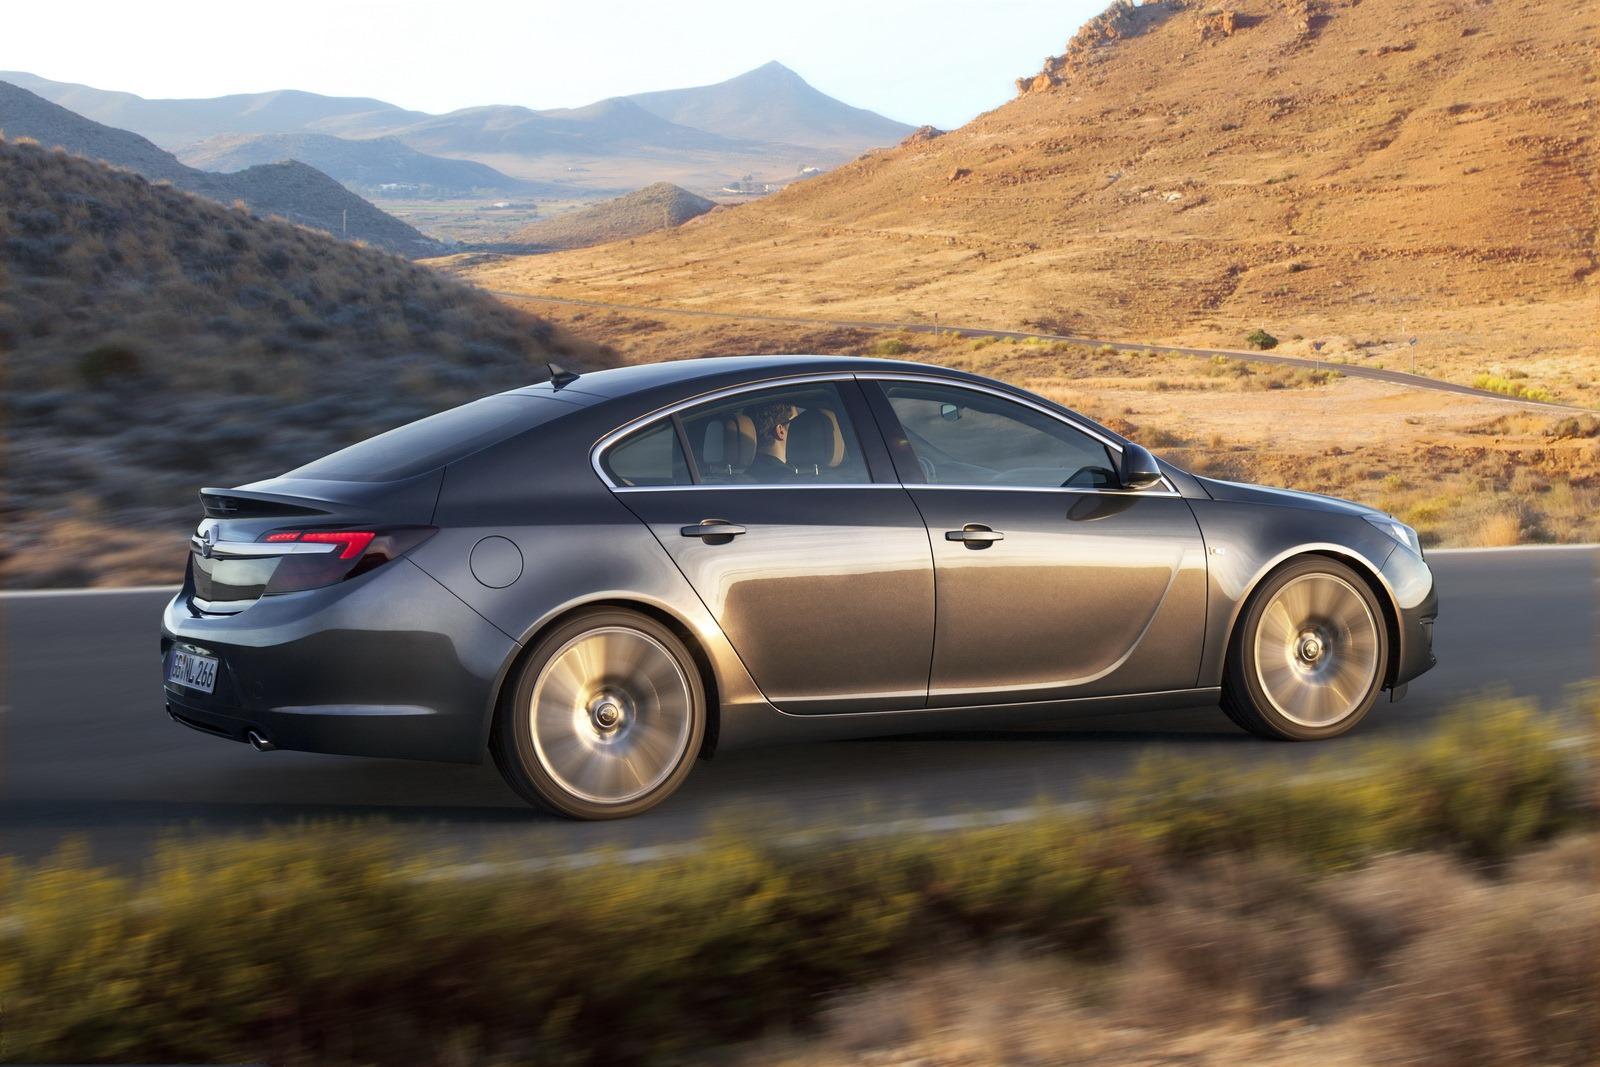 Opel-Insignia-Facelift-7%25255B2%25255D.jpg